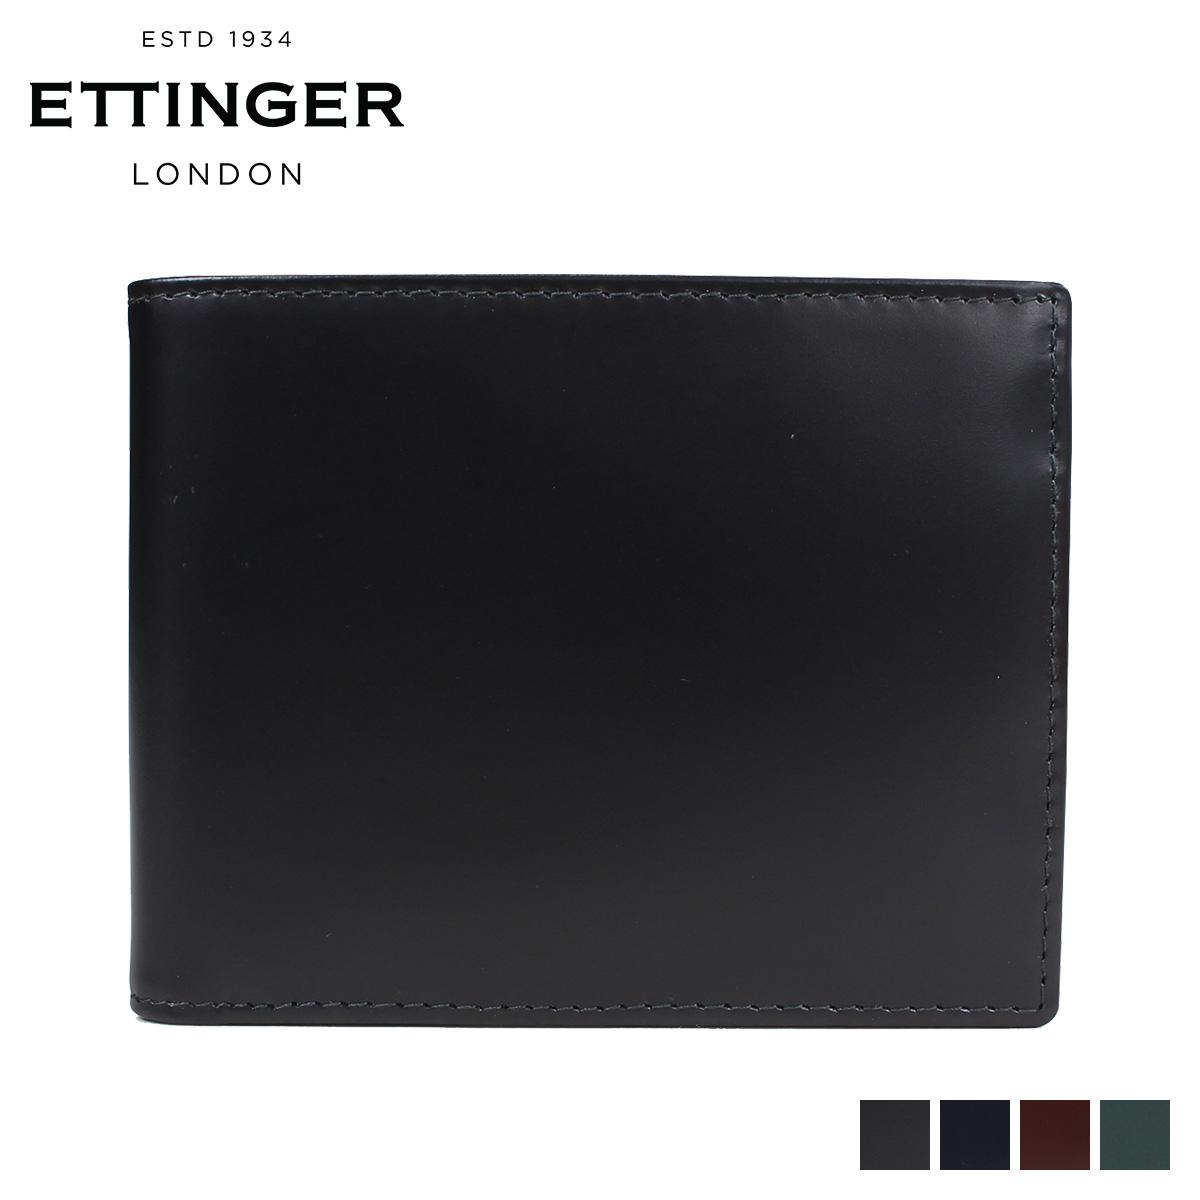 エッティンガー ETTINGER 財布 二つ折り メンズ BRIDLE BILLFOLD WITH 3 C/C & PURSE ブラック ネイビー ブラウン BH141JR [9/7 再入荷]